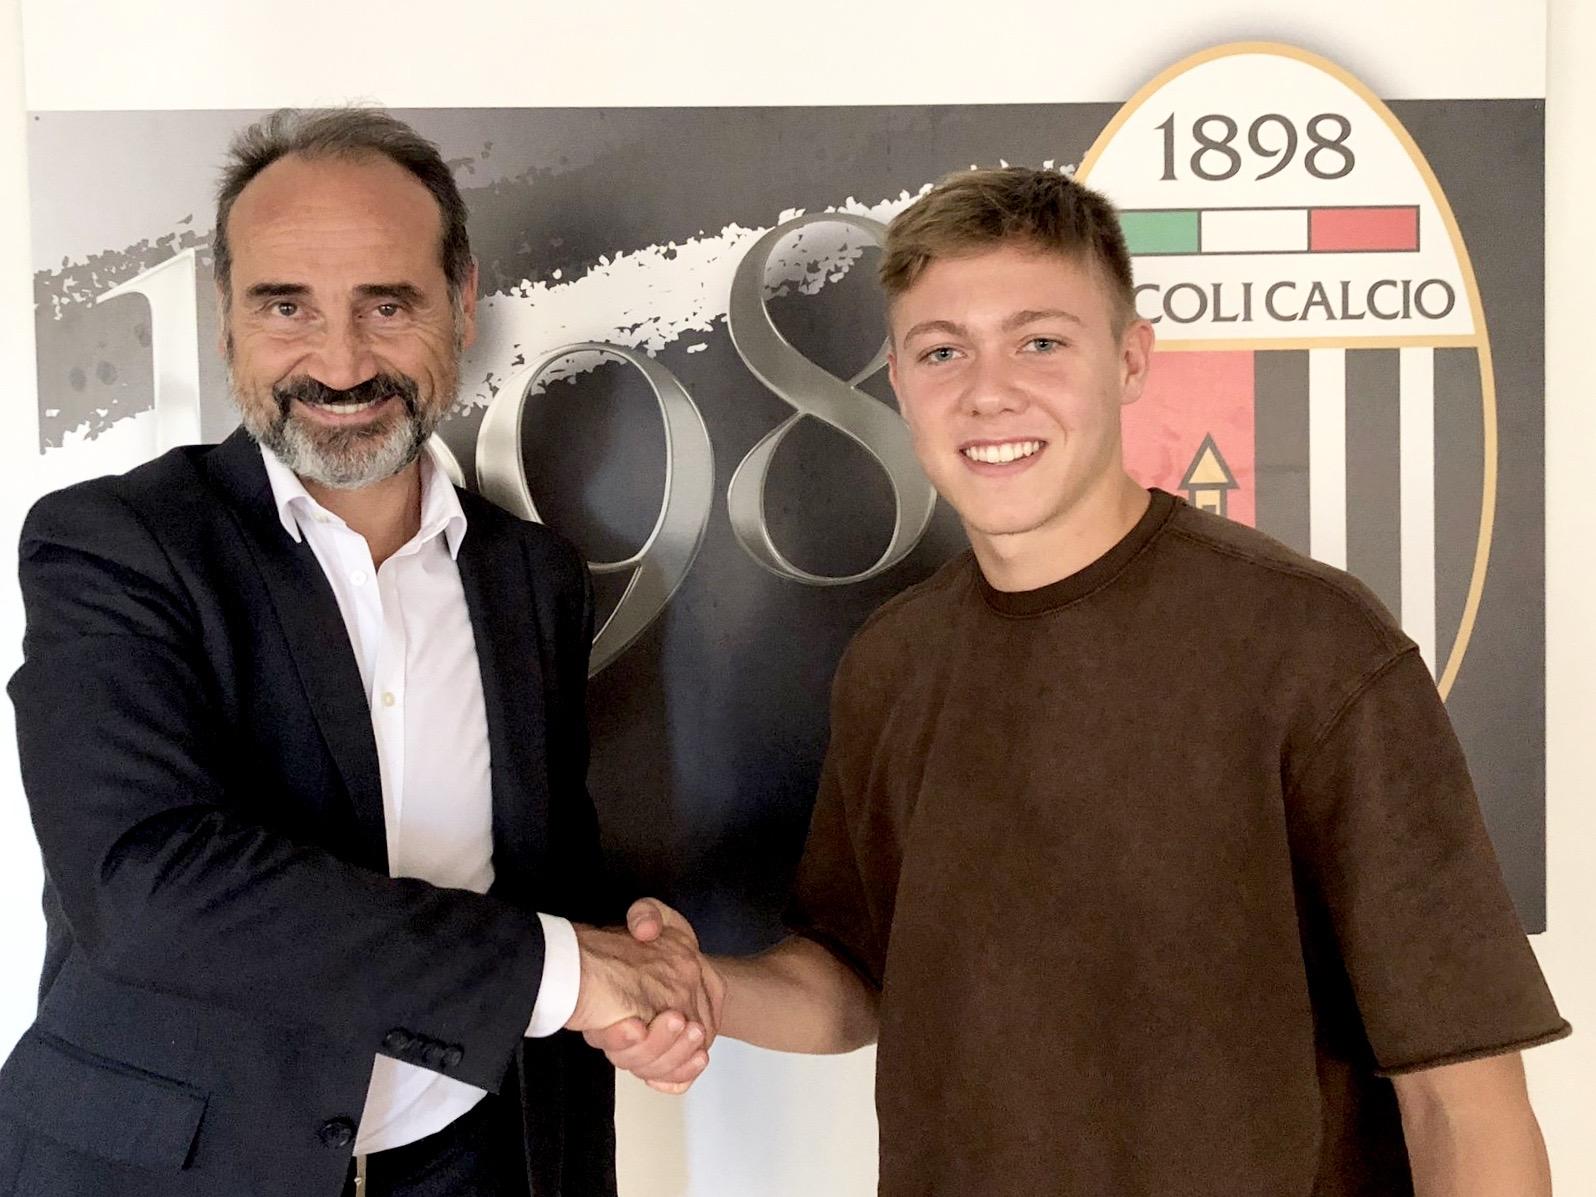 #Calciomercato: triennale per Fiorani, che va in prestito al Teramo.